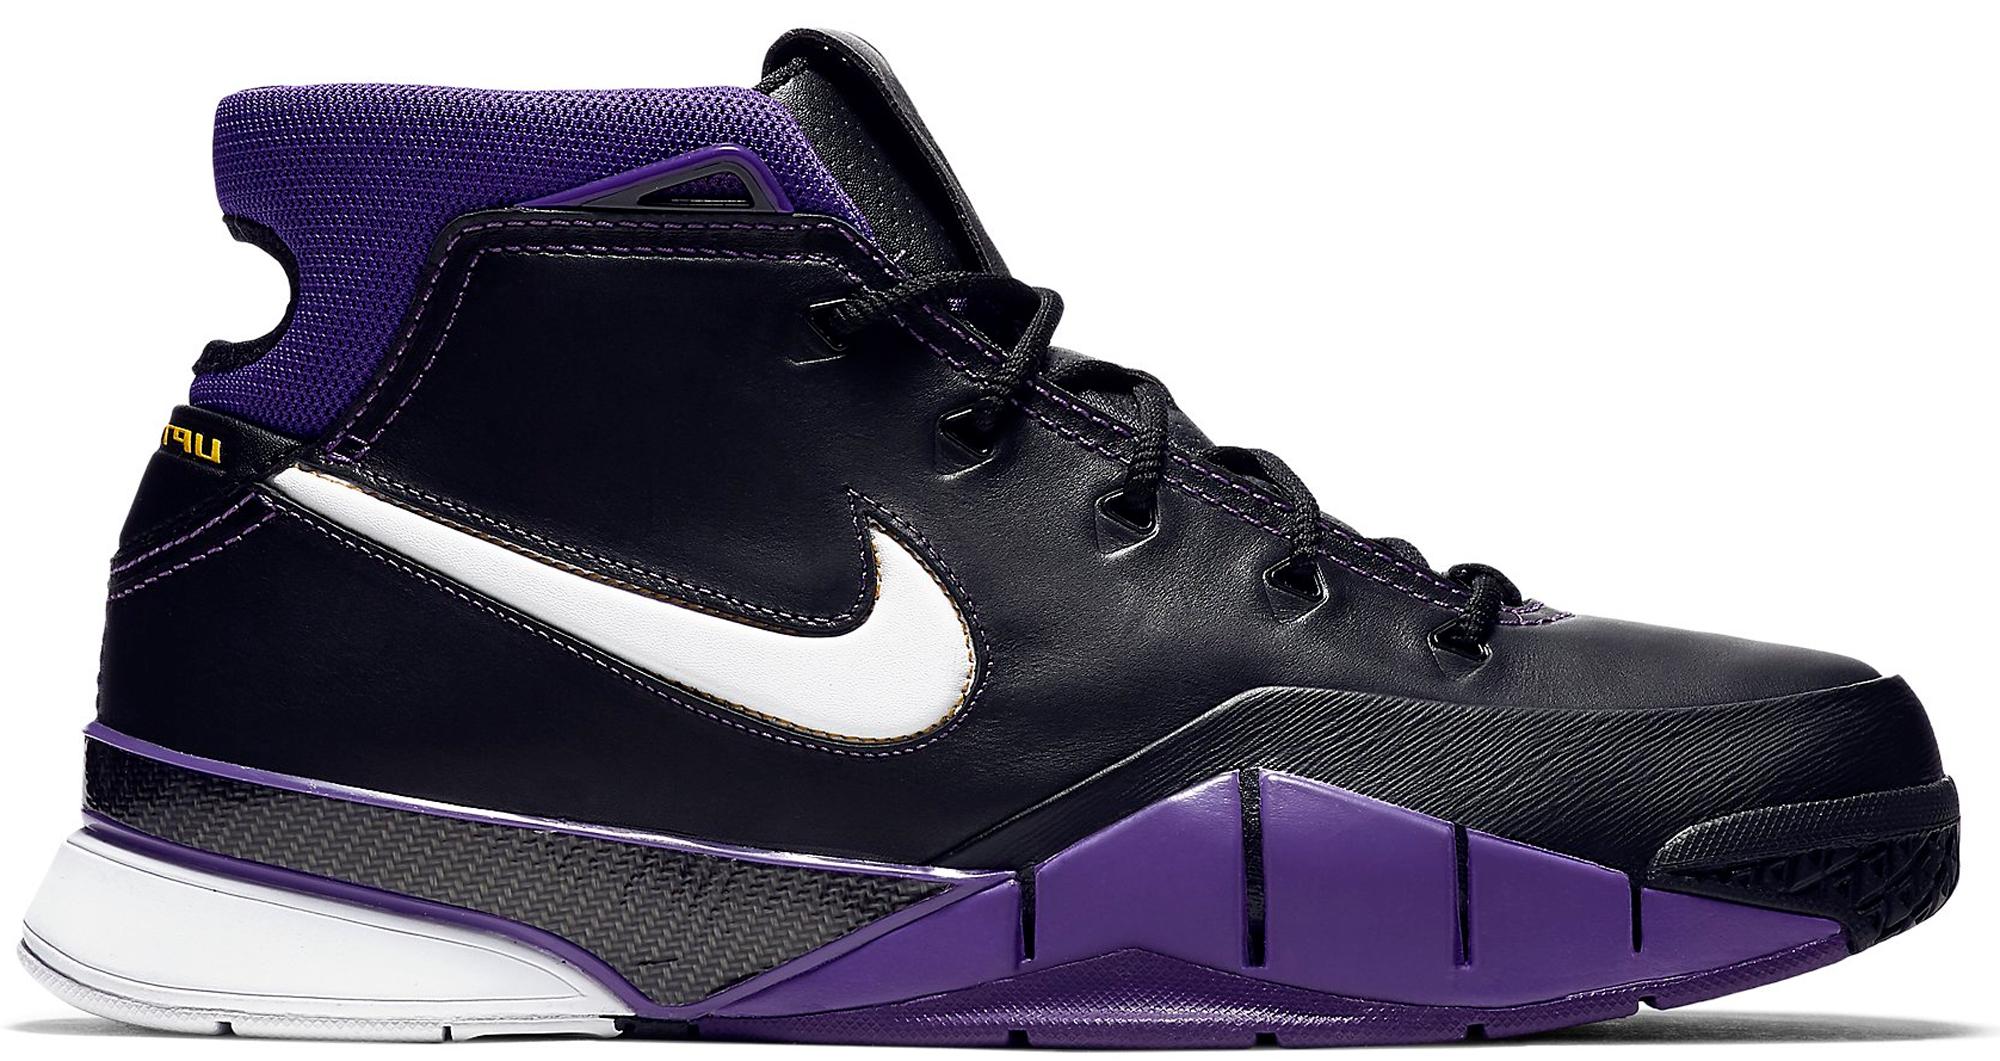 Kobe 1 Protro Purple Reign